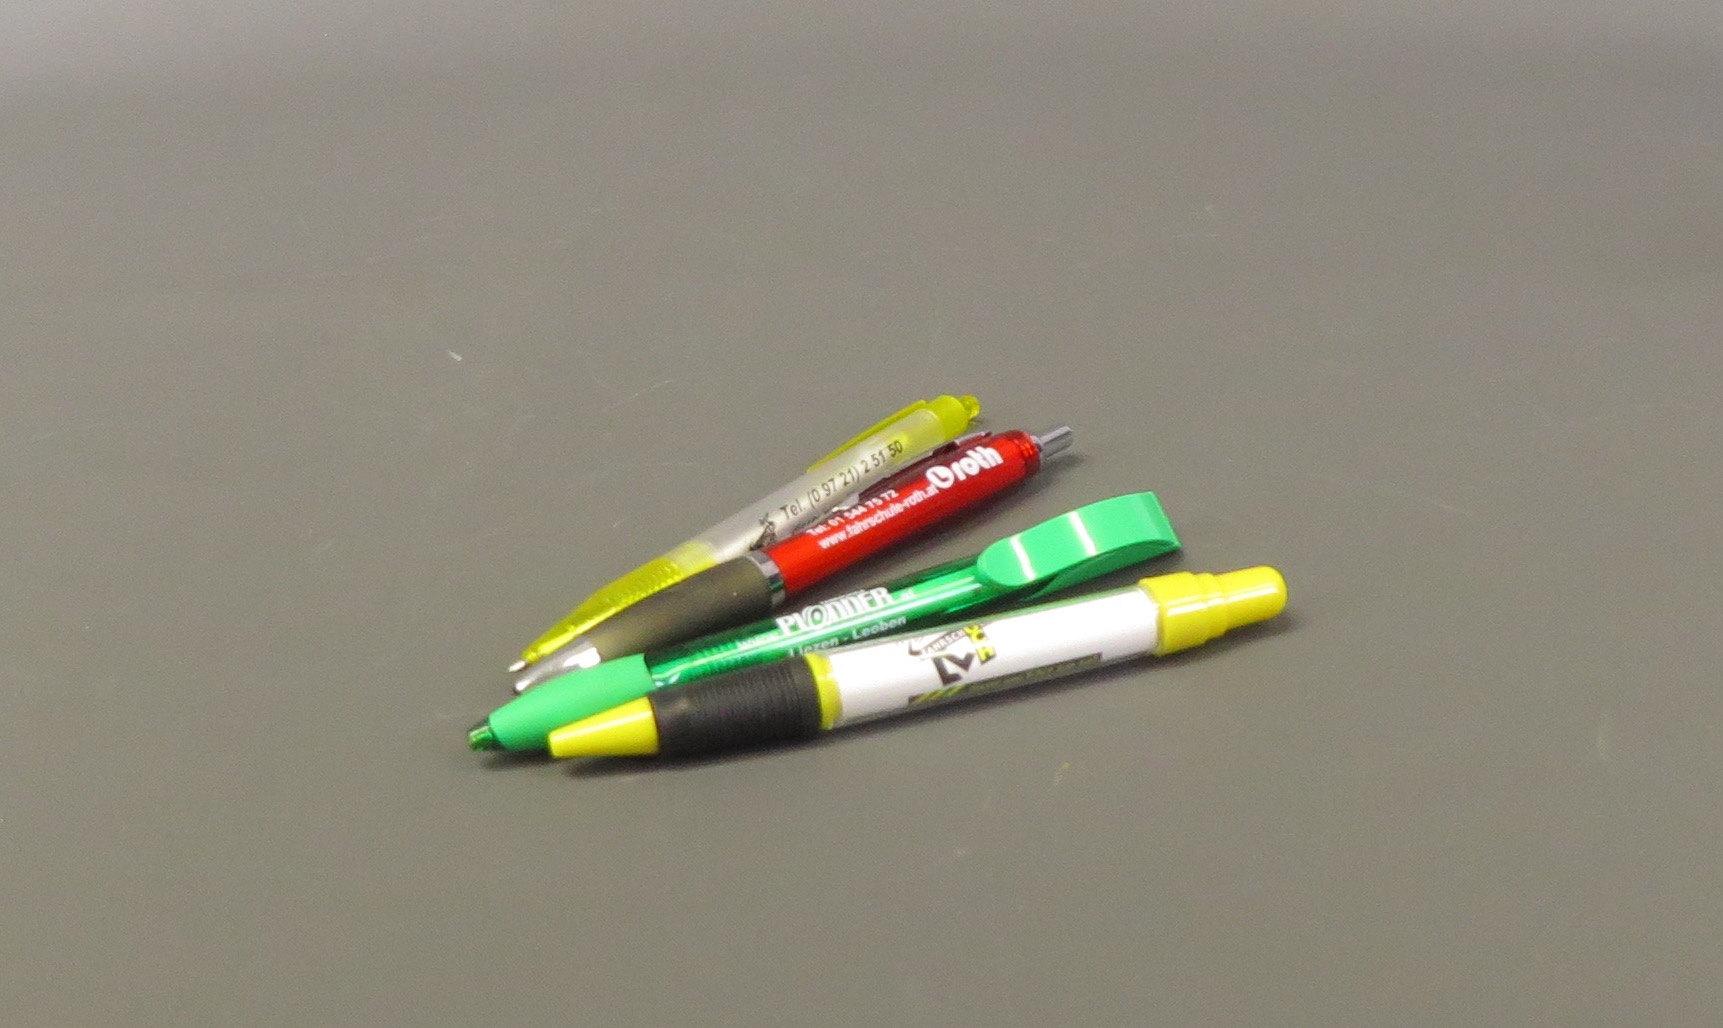 kugelschreiber1.jpg